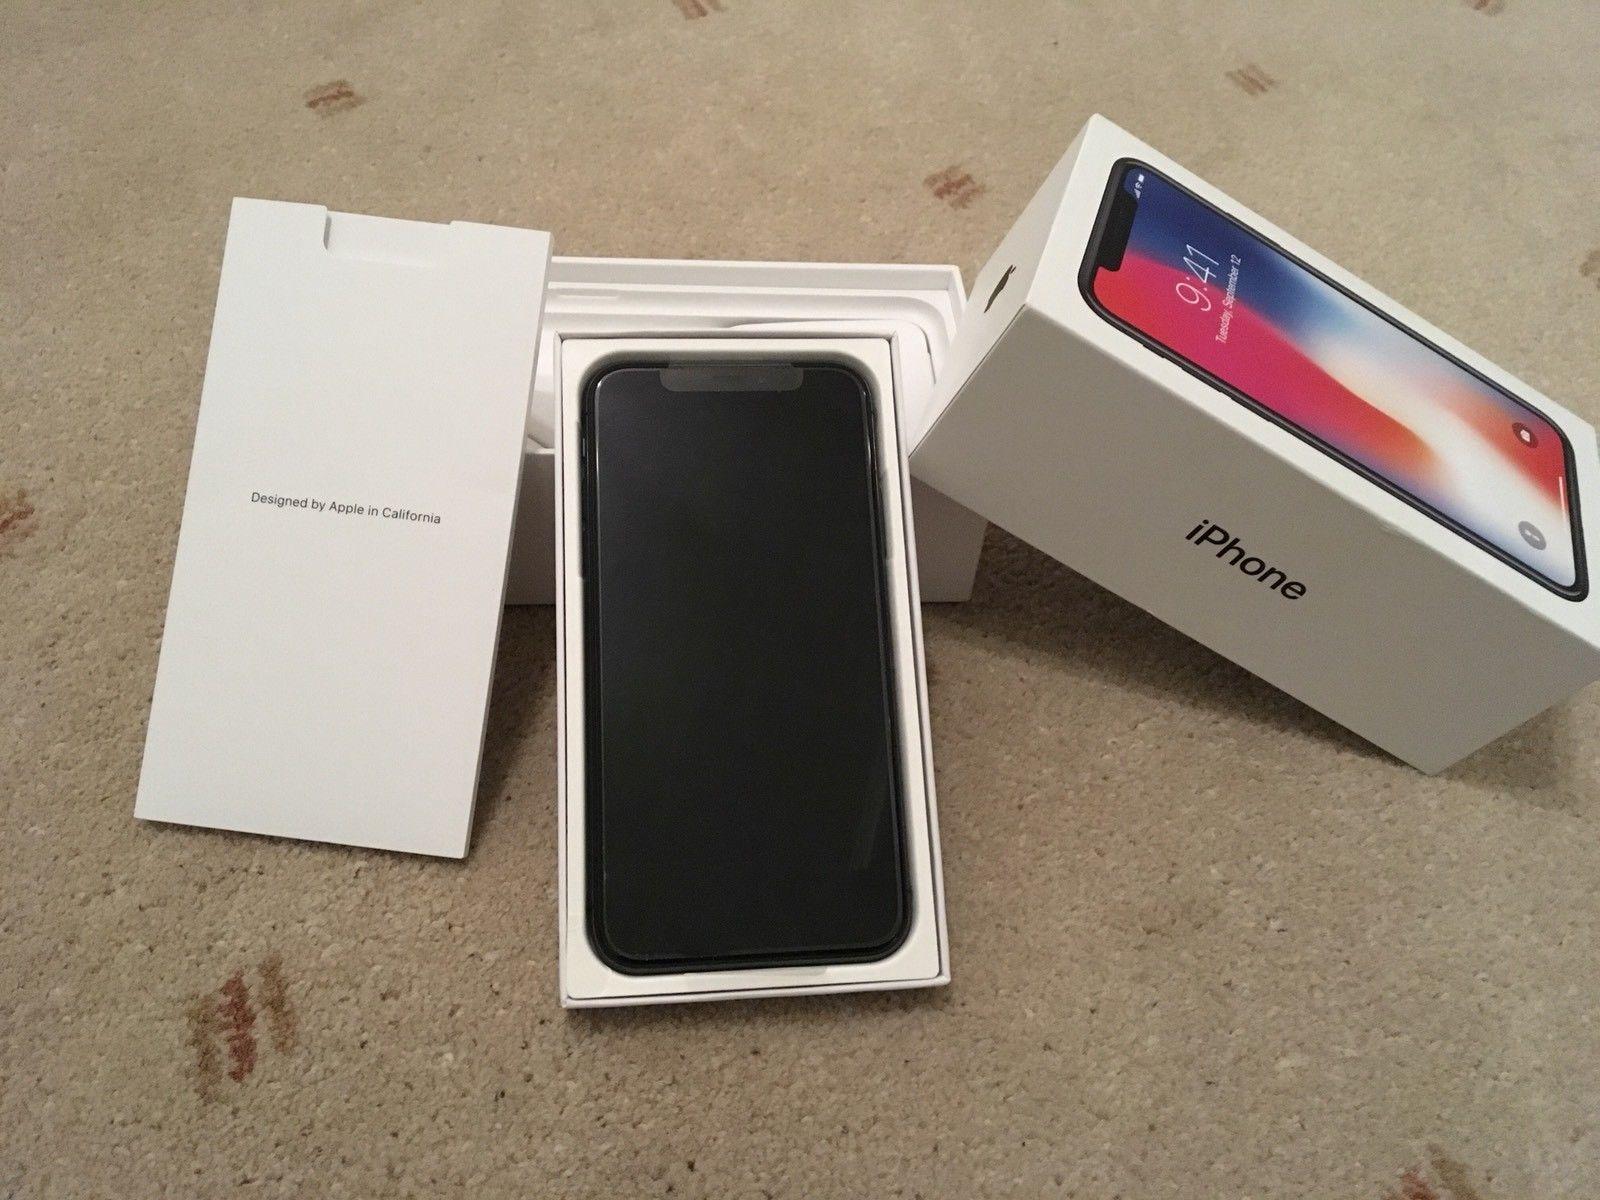 Продам Apple iPhone X 64gb €418 iPhone X 256gb €475 iPhone 8 Plus